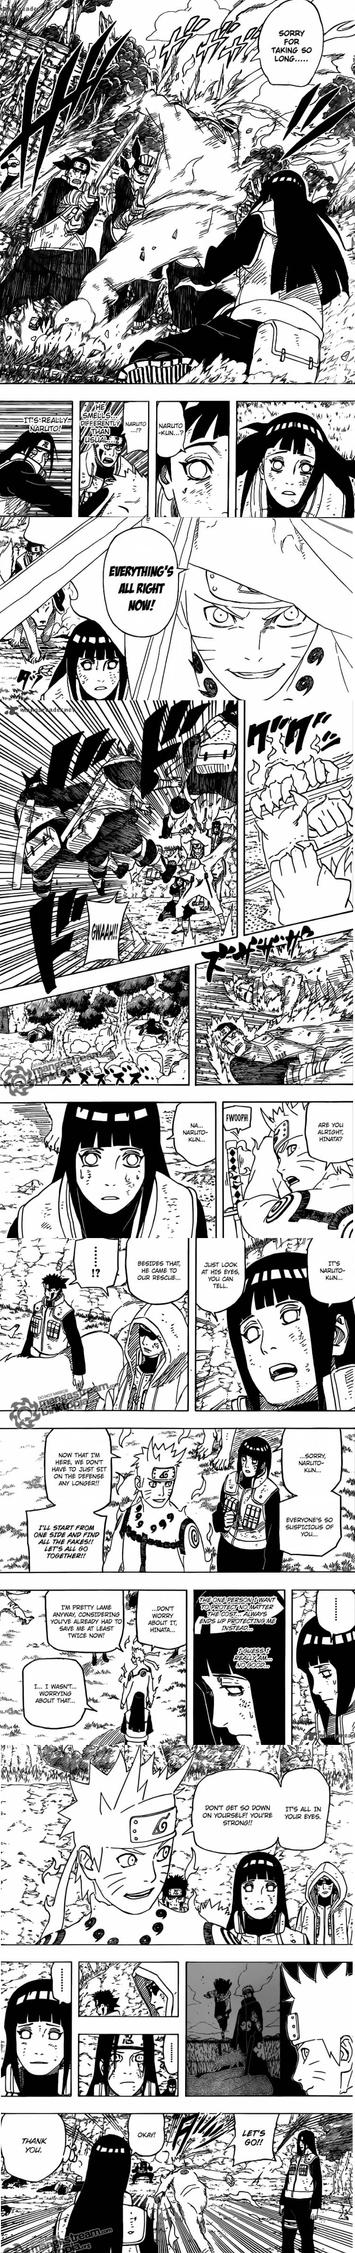 NaruHina Moments Part 8 (Saving) by Pinky19295